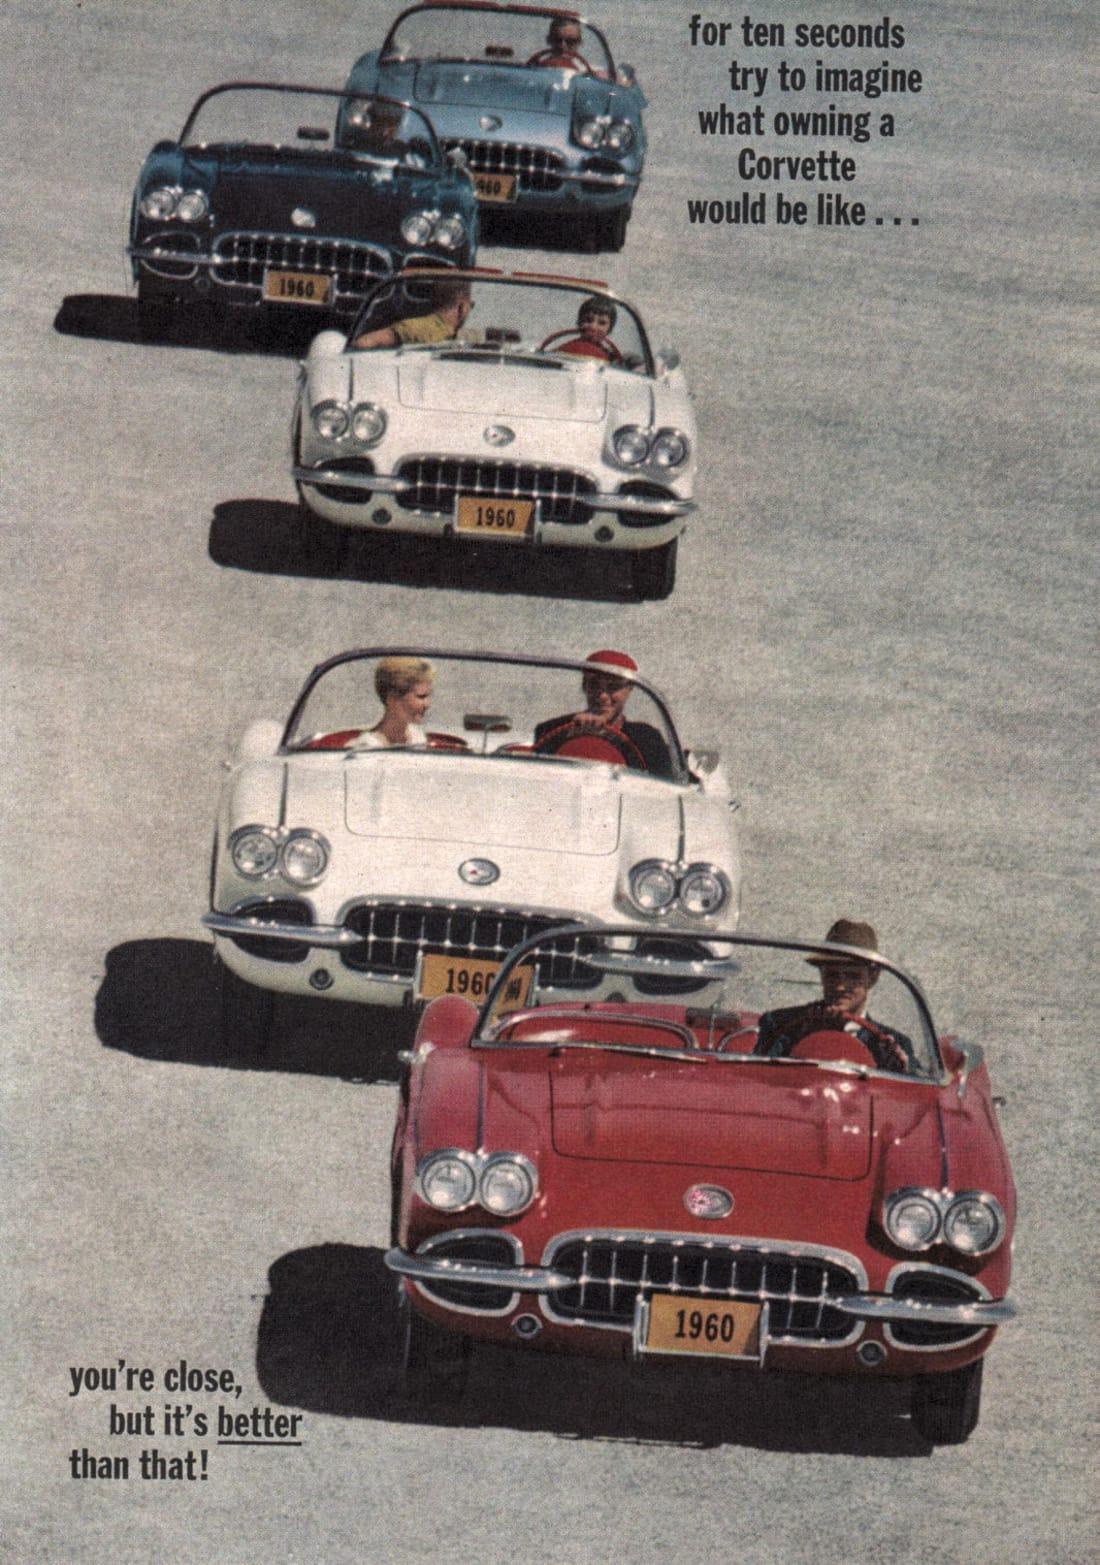 1960 Corvette Ad